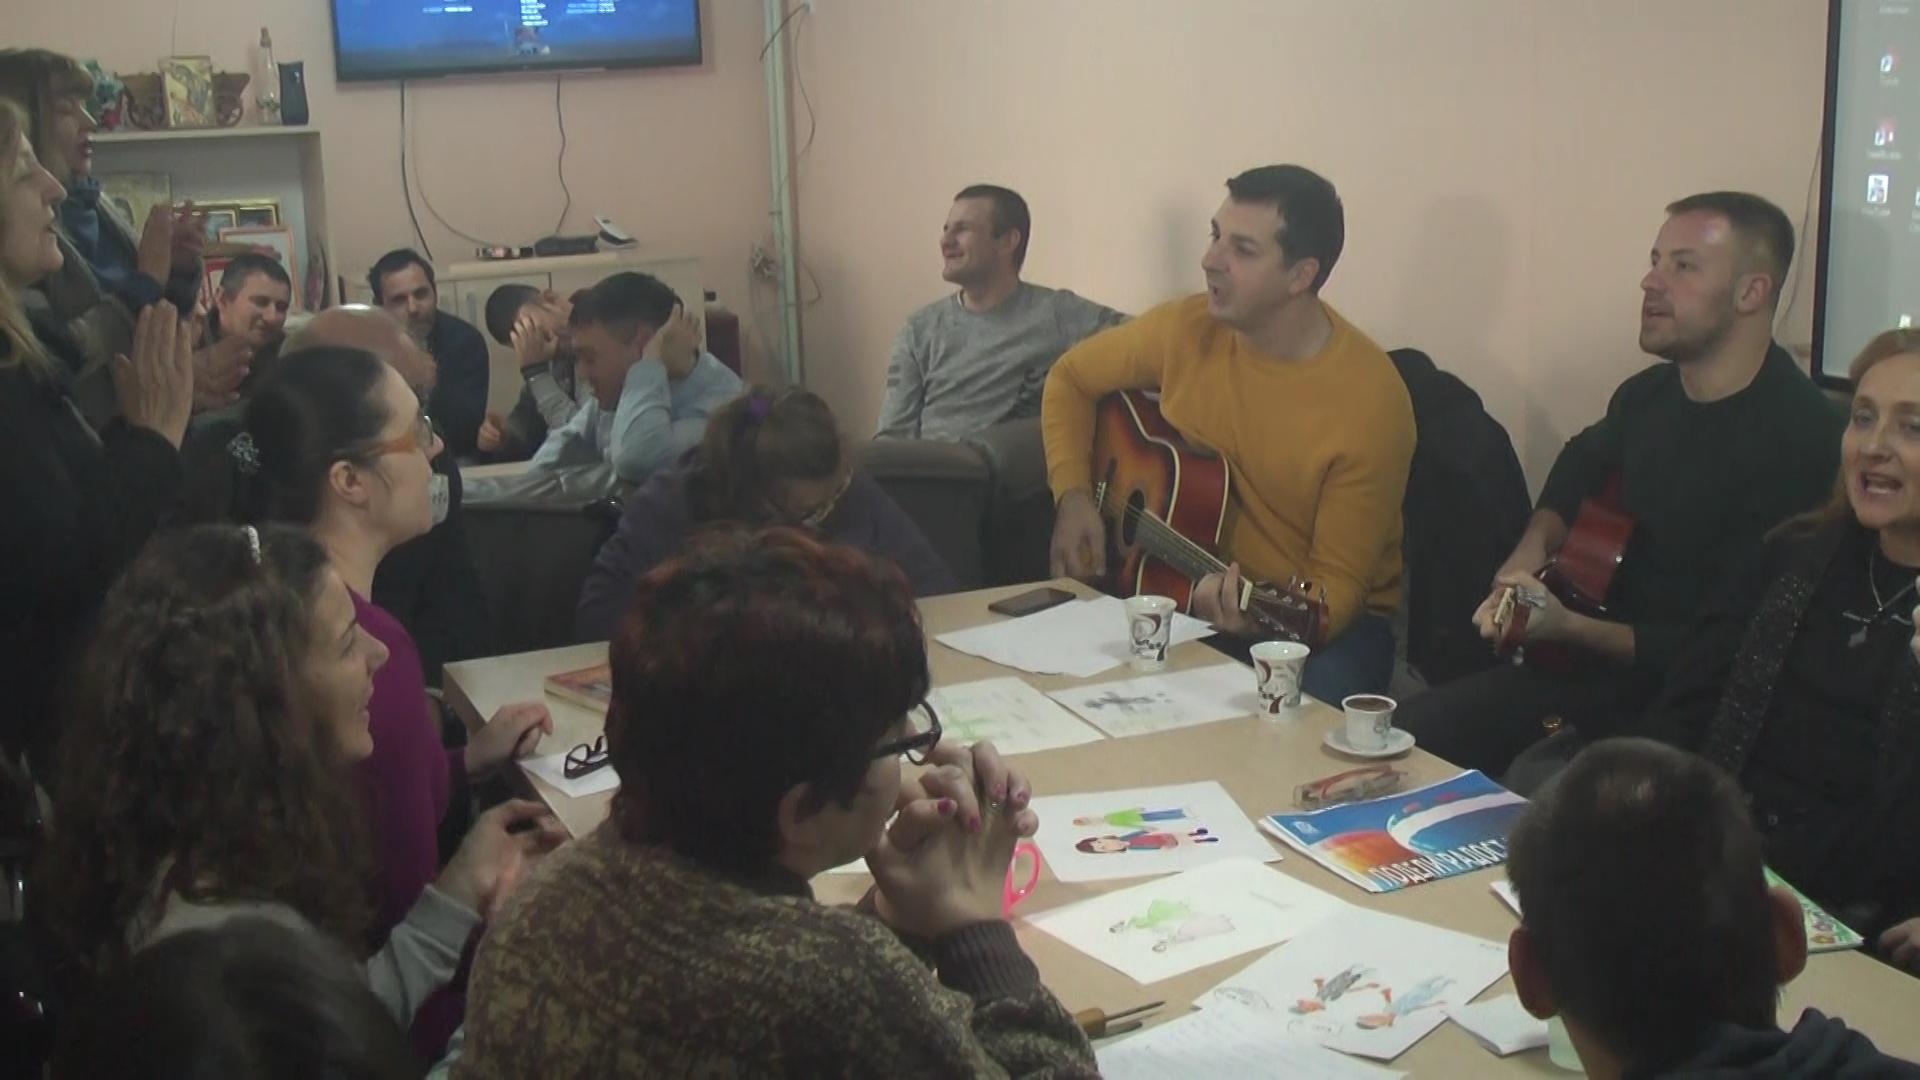 U Centru za osobe sa invaliditetom Grada KruševcatradicionalnoNovogodišnje druženje